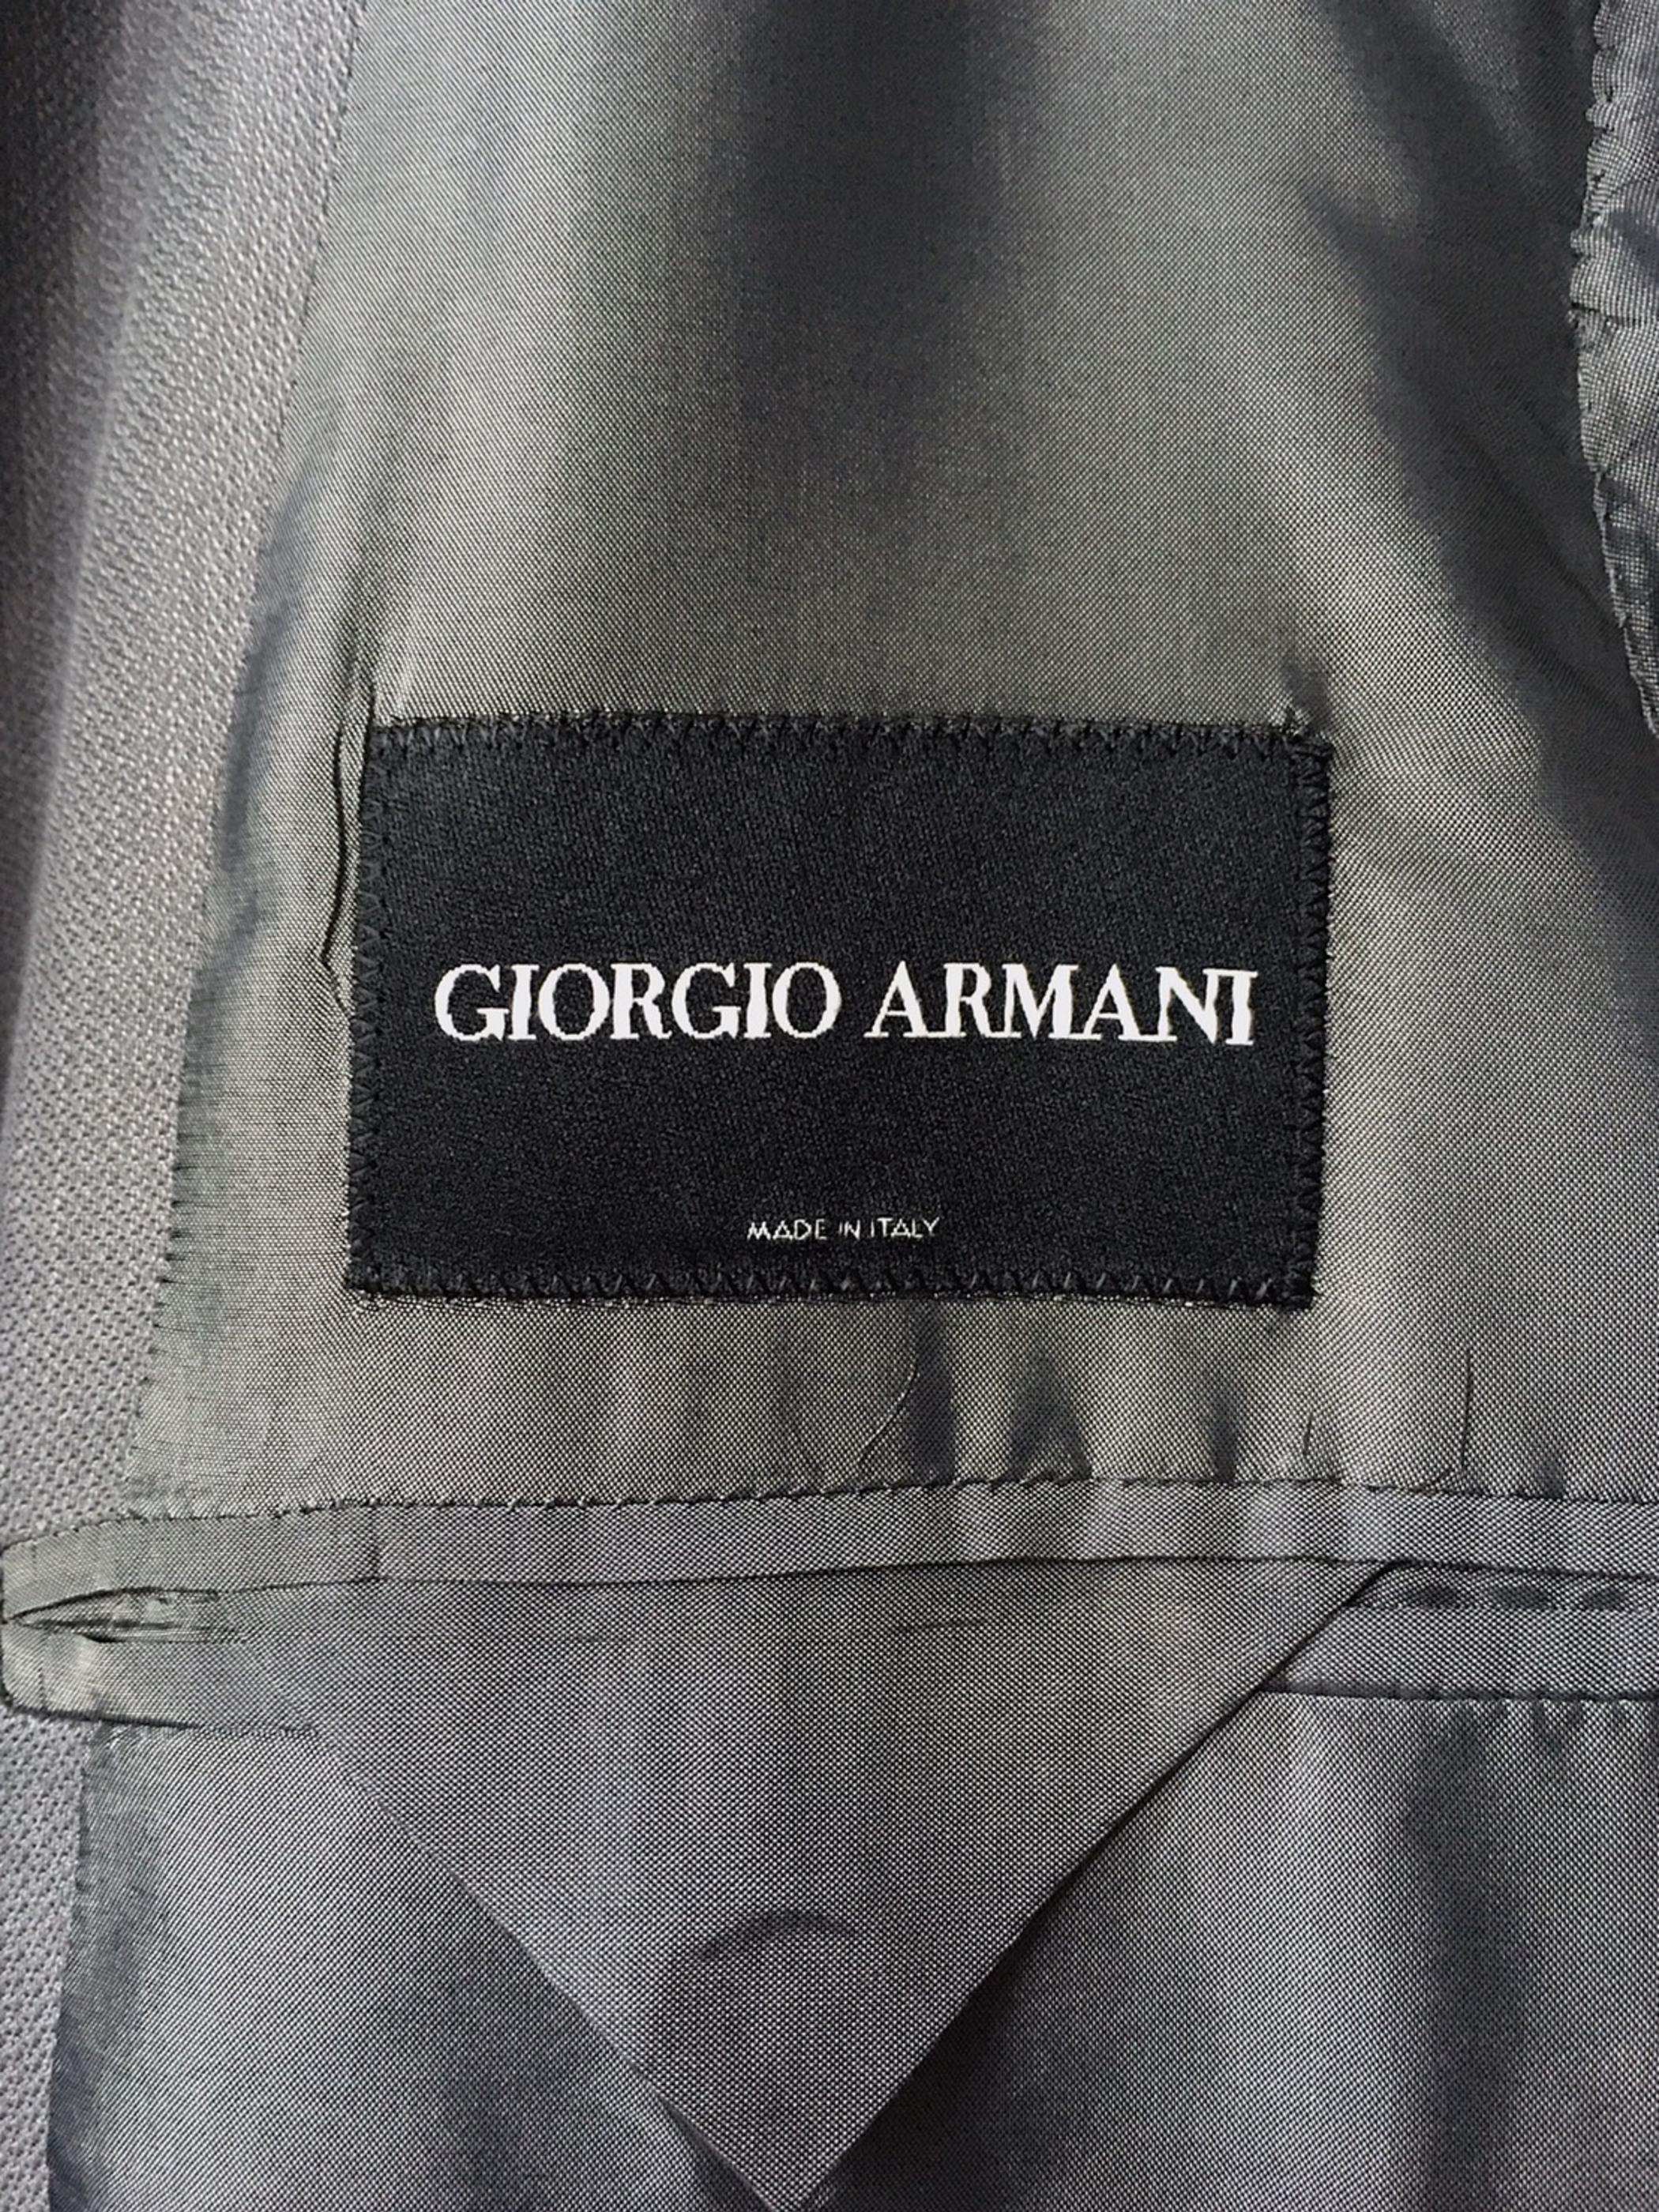 GIORGIO ARMANI set up